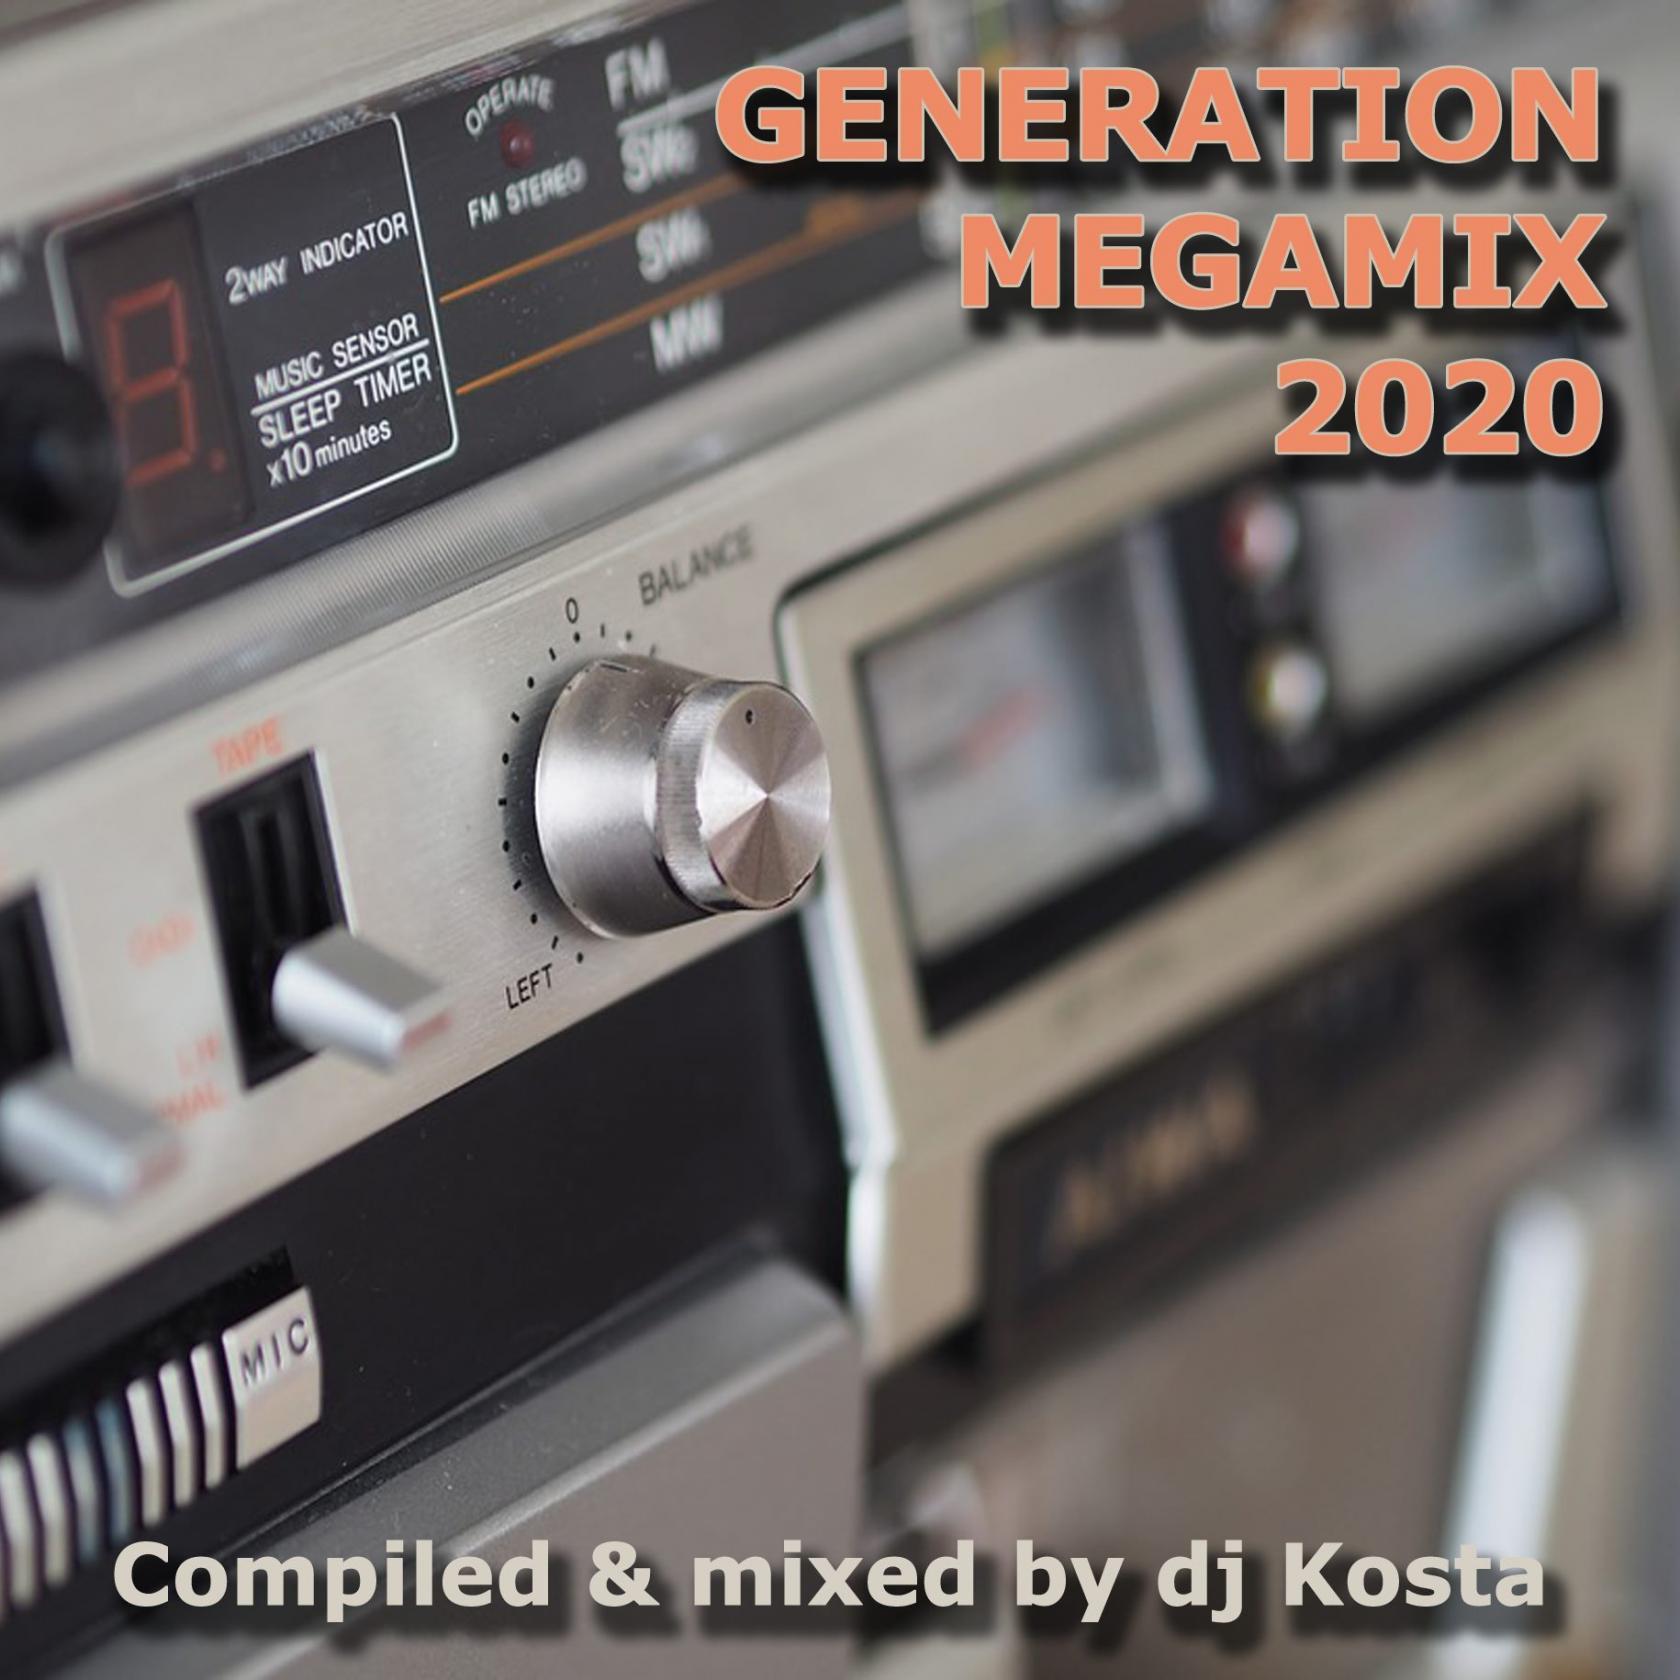 Generation Megamix 2020